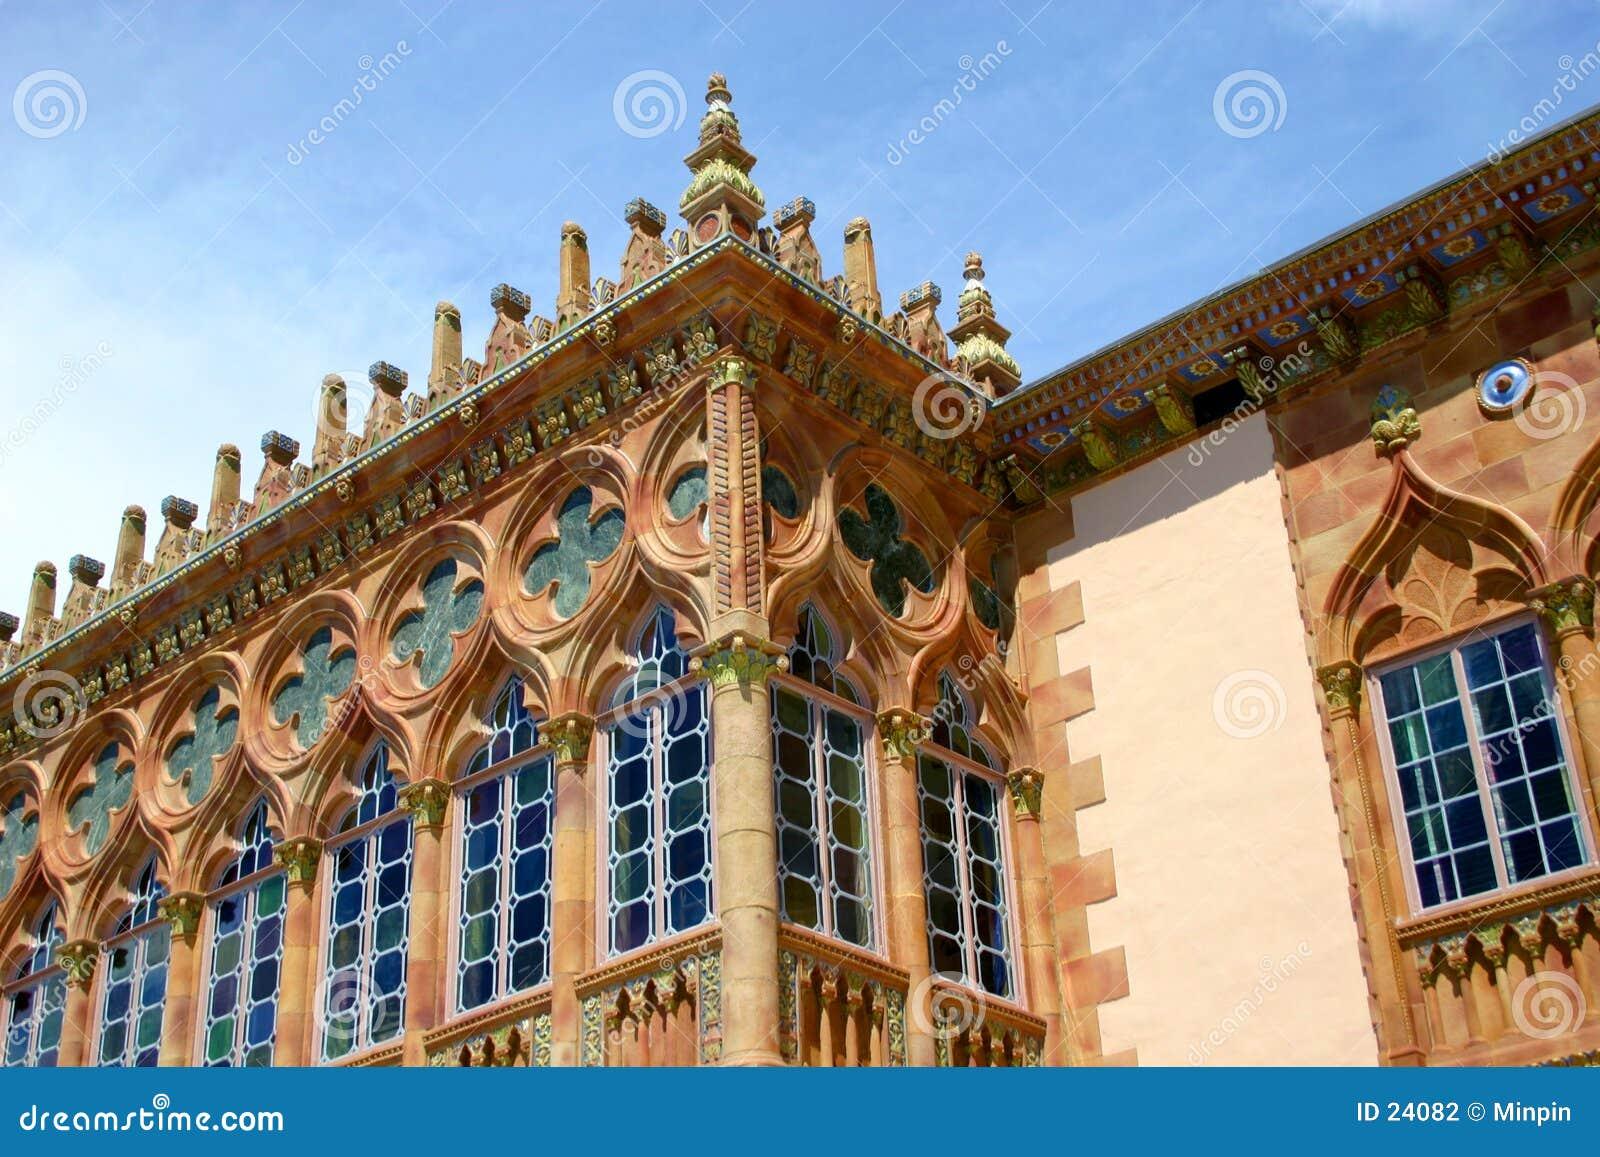 Windows gothique vénitien